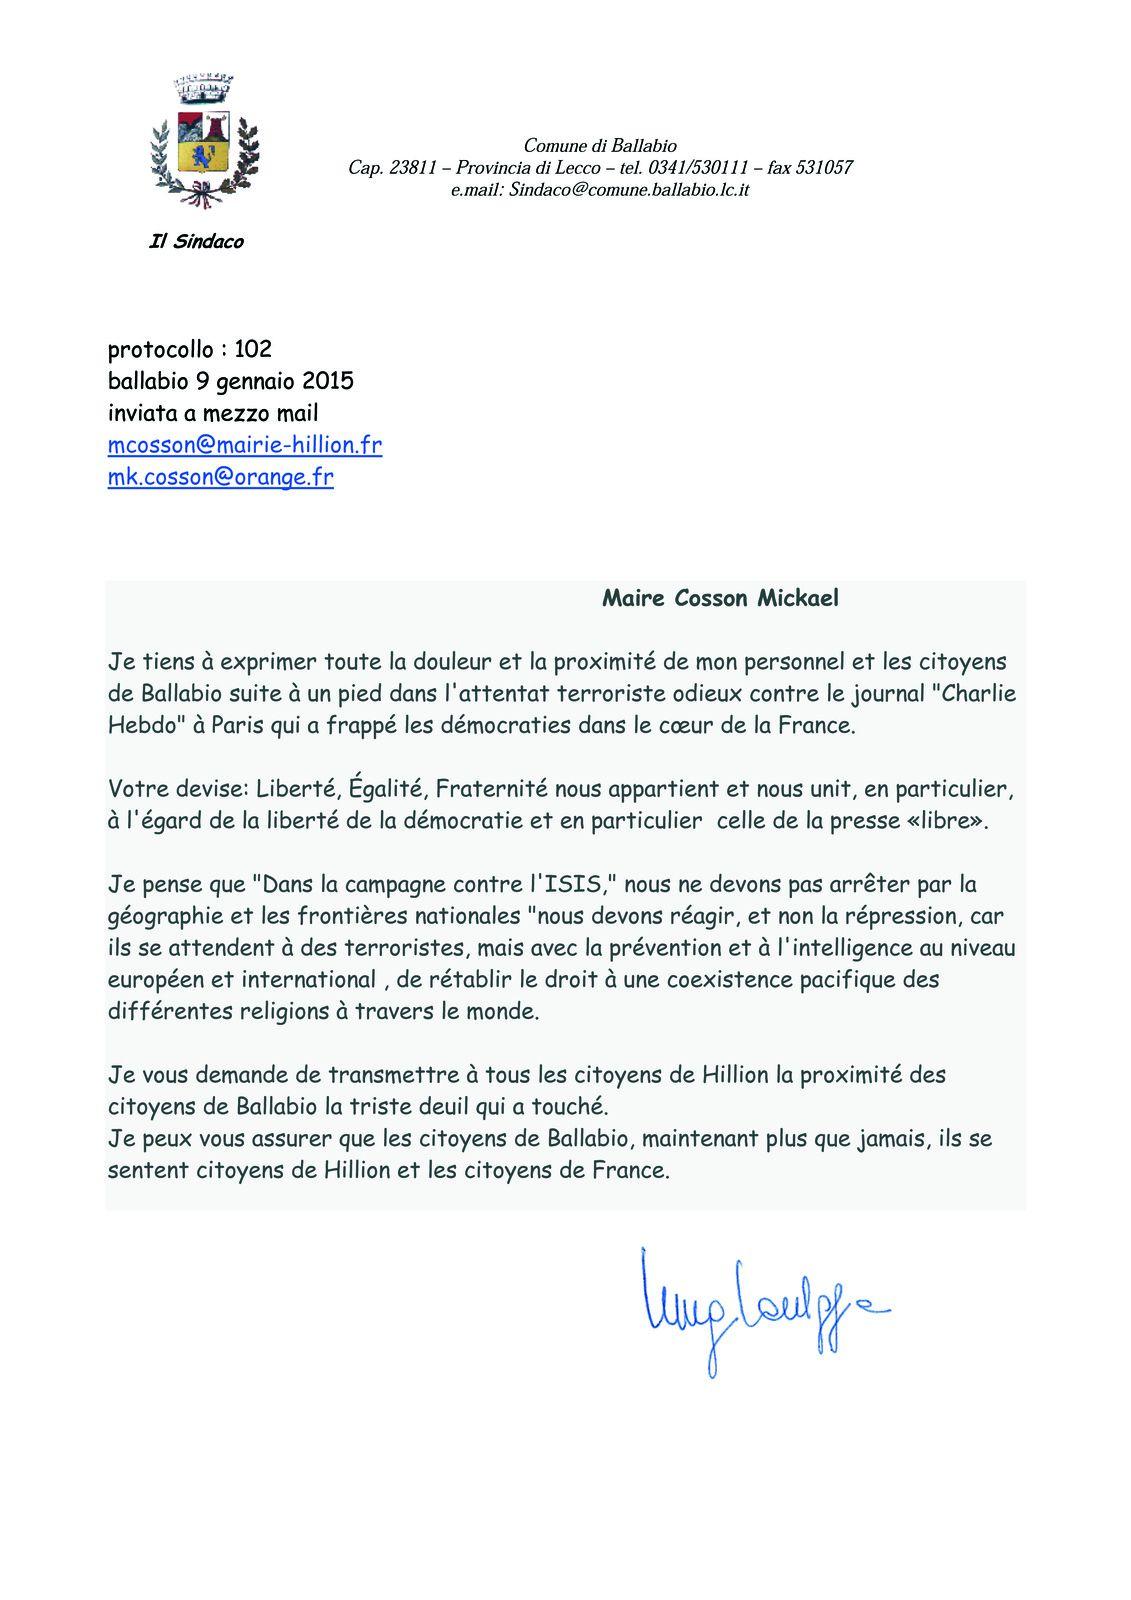 Témoignage de solidarité du maire de Ballabio